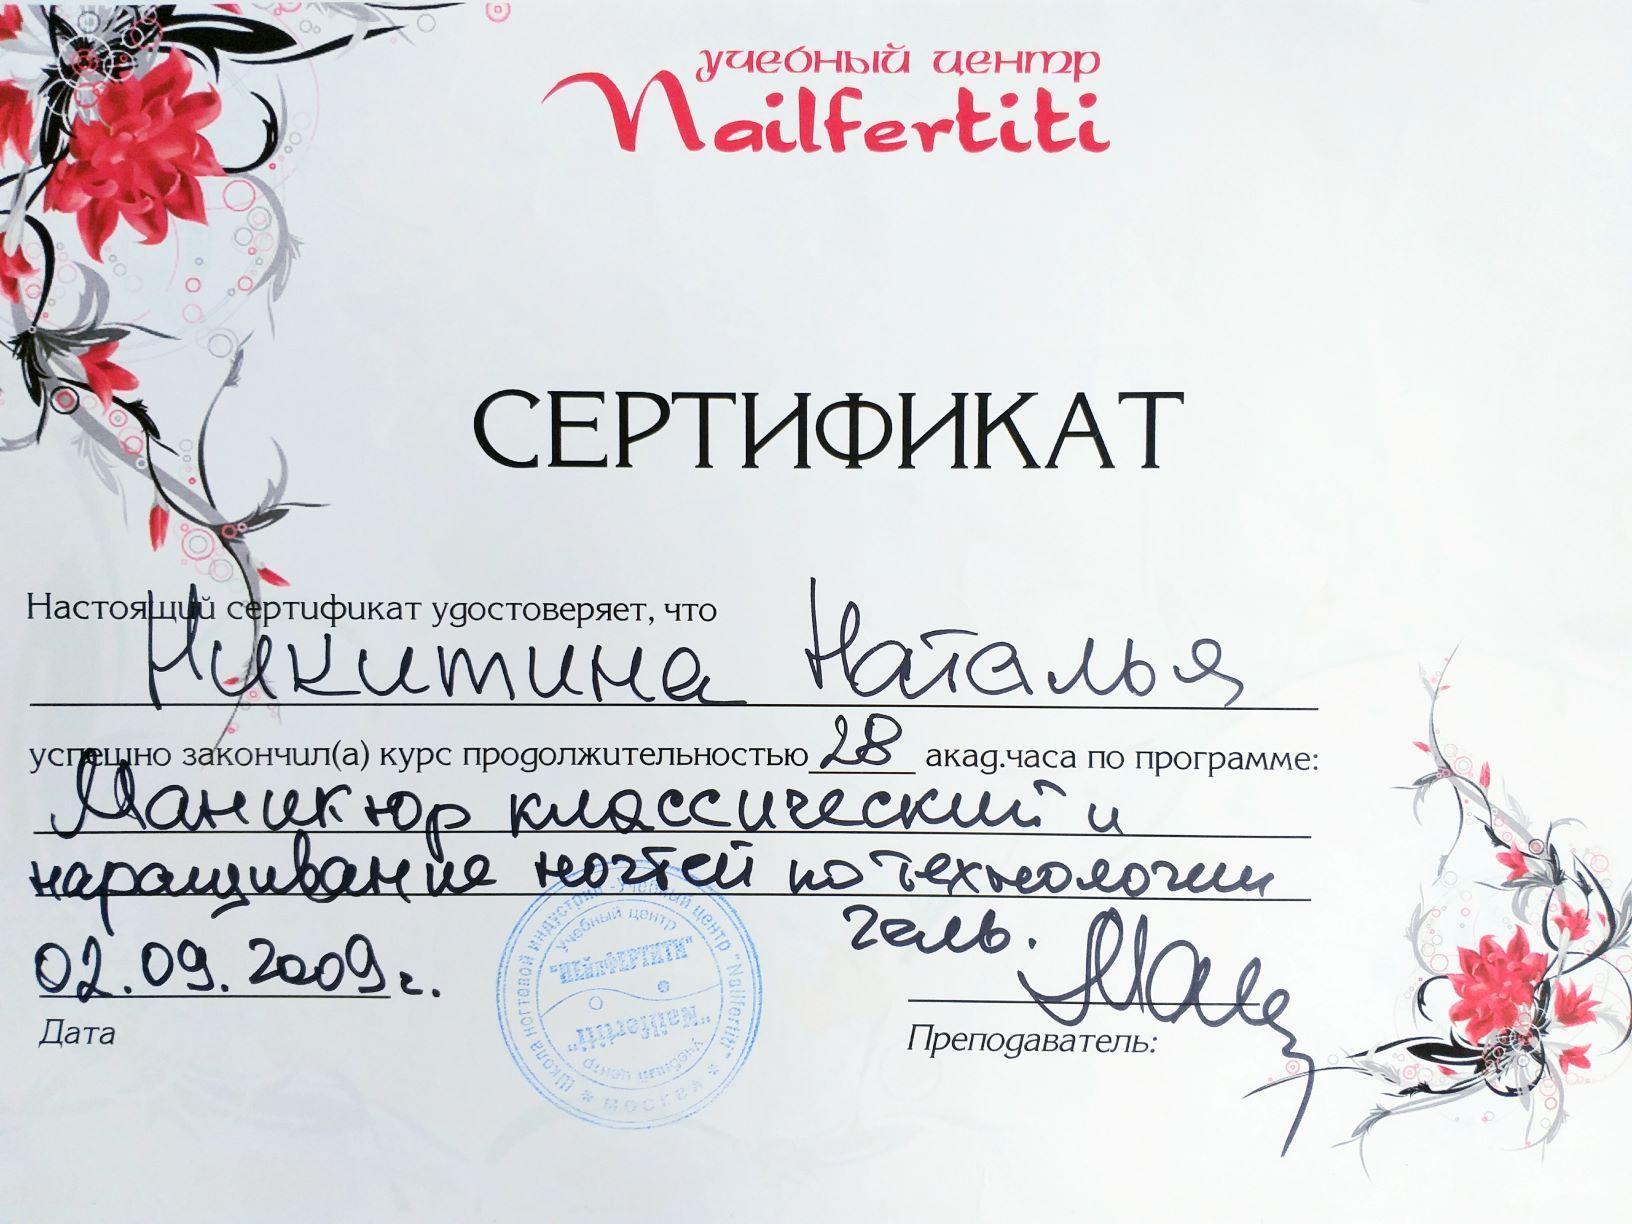 """2009, Учебный центр Nailfertiti. Курс по программе: """"Классический маникюр и наращивание ногтей по технологии гель""""."""